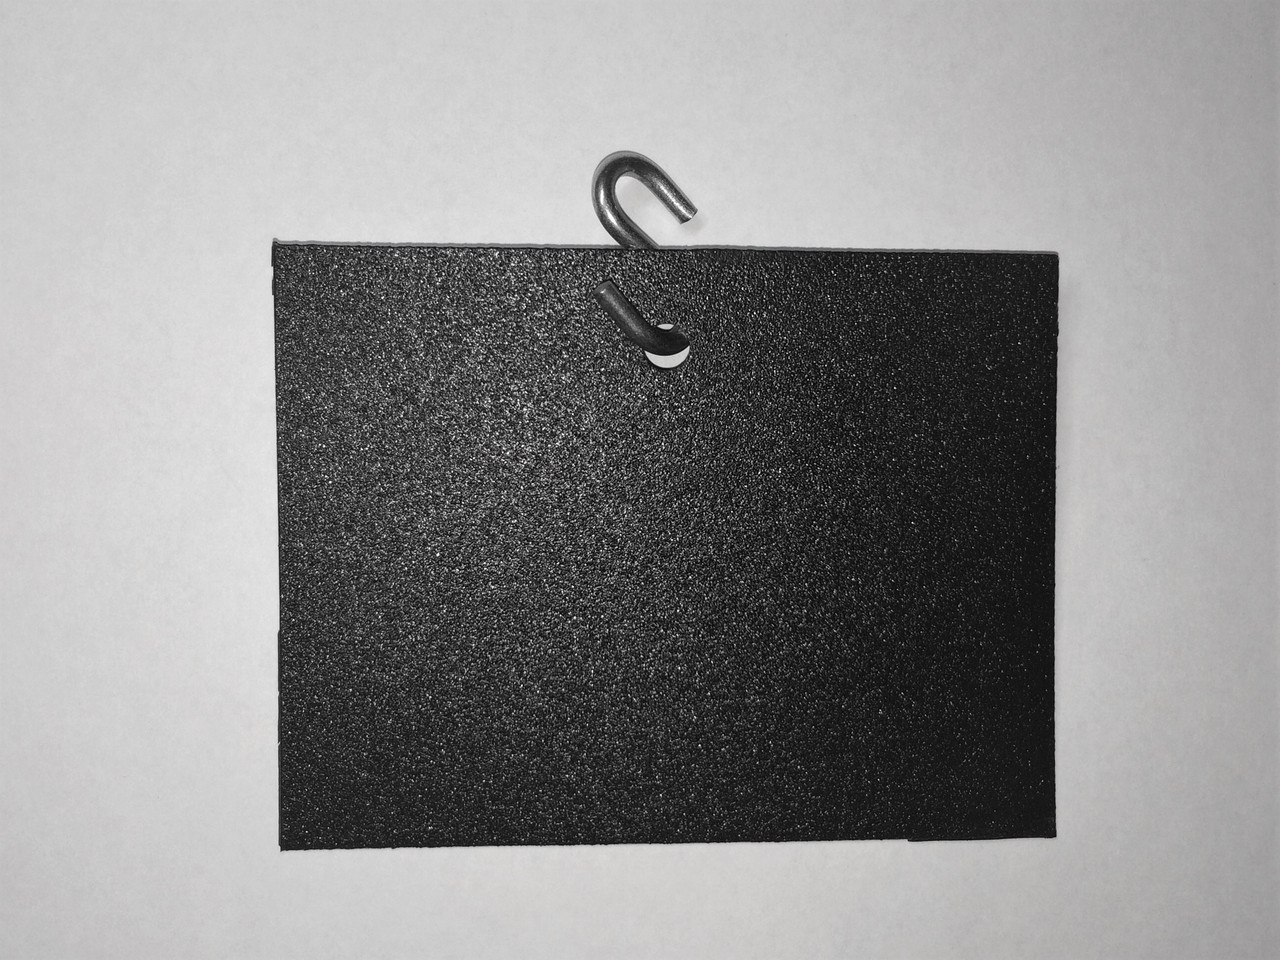 Ценник подвесной 5х10 s-образным крючком меловой.100 штук. Грифельная табличка. Для мела и маркера